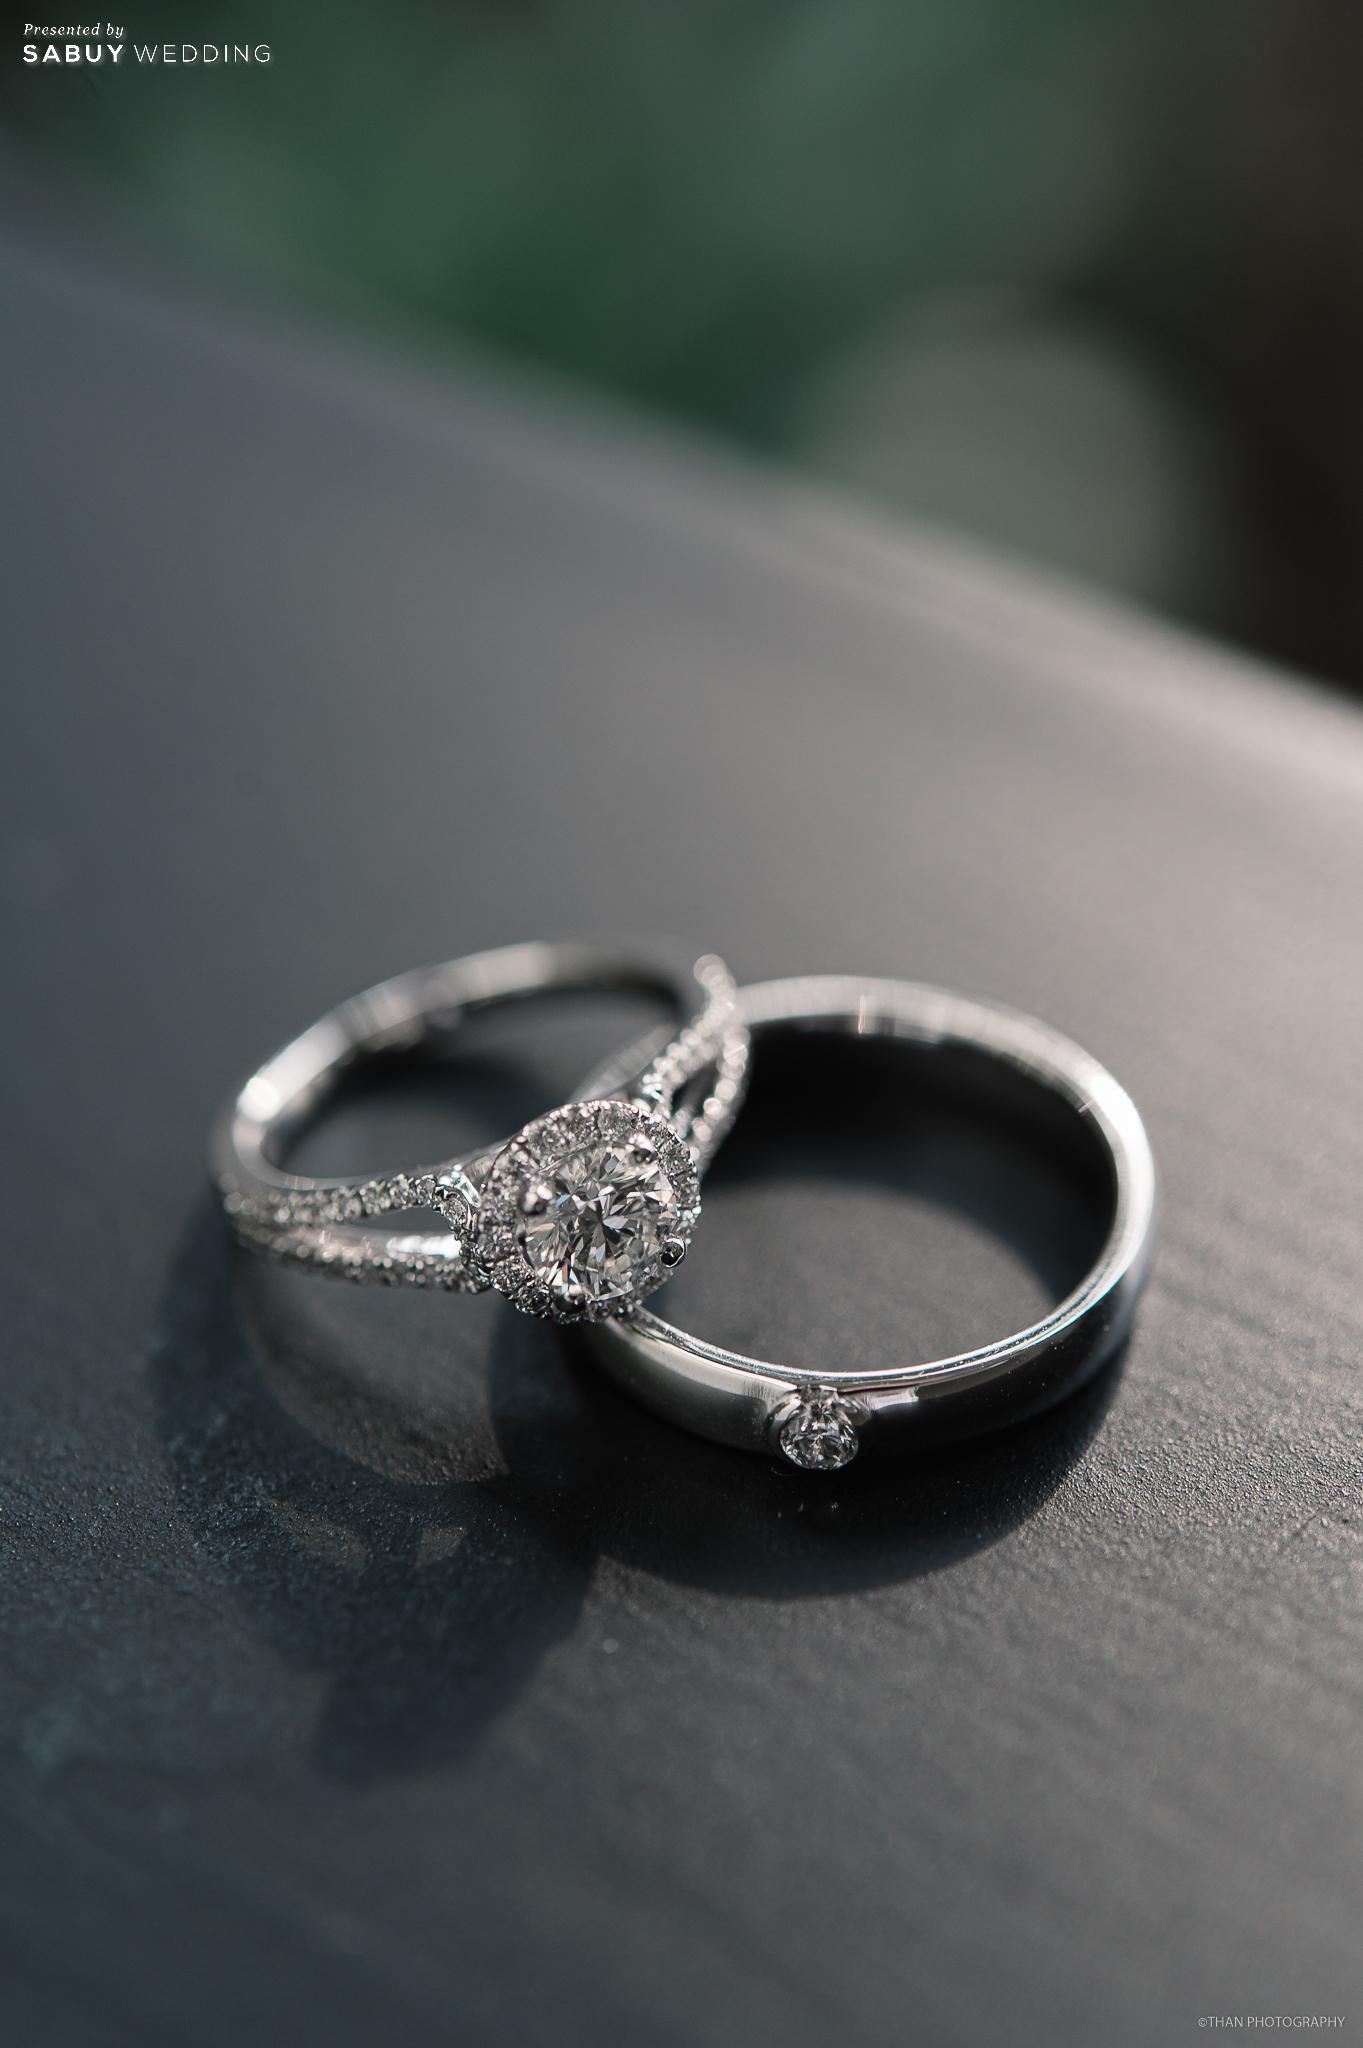 แหวนแต่งงาน รีวิวงานแต่งสุดชิค สวยมีกิมมิค ดู Timeless @ VARAVELA